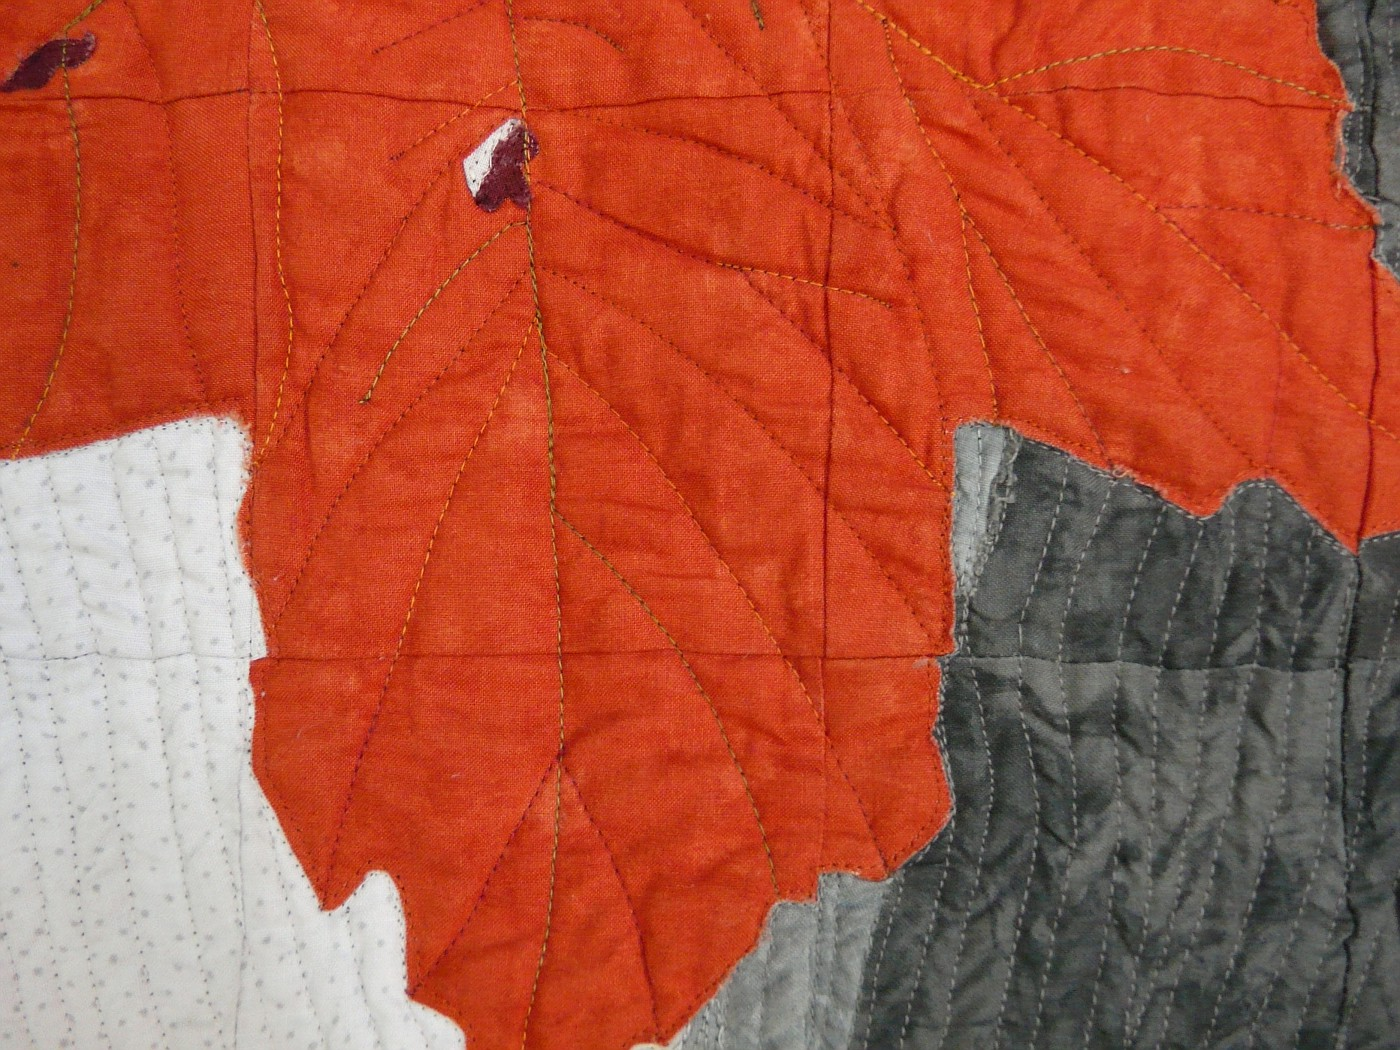 Maple Leaf Rag, detail 2